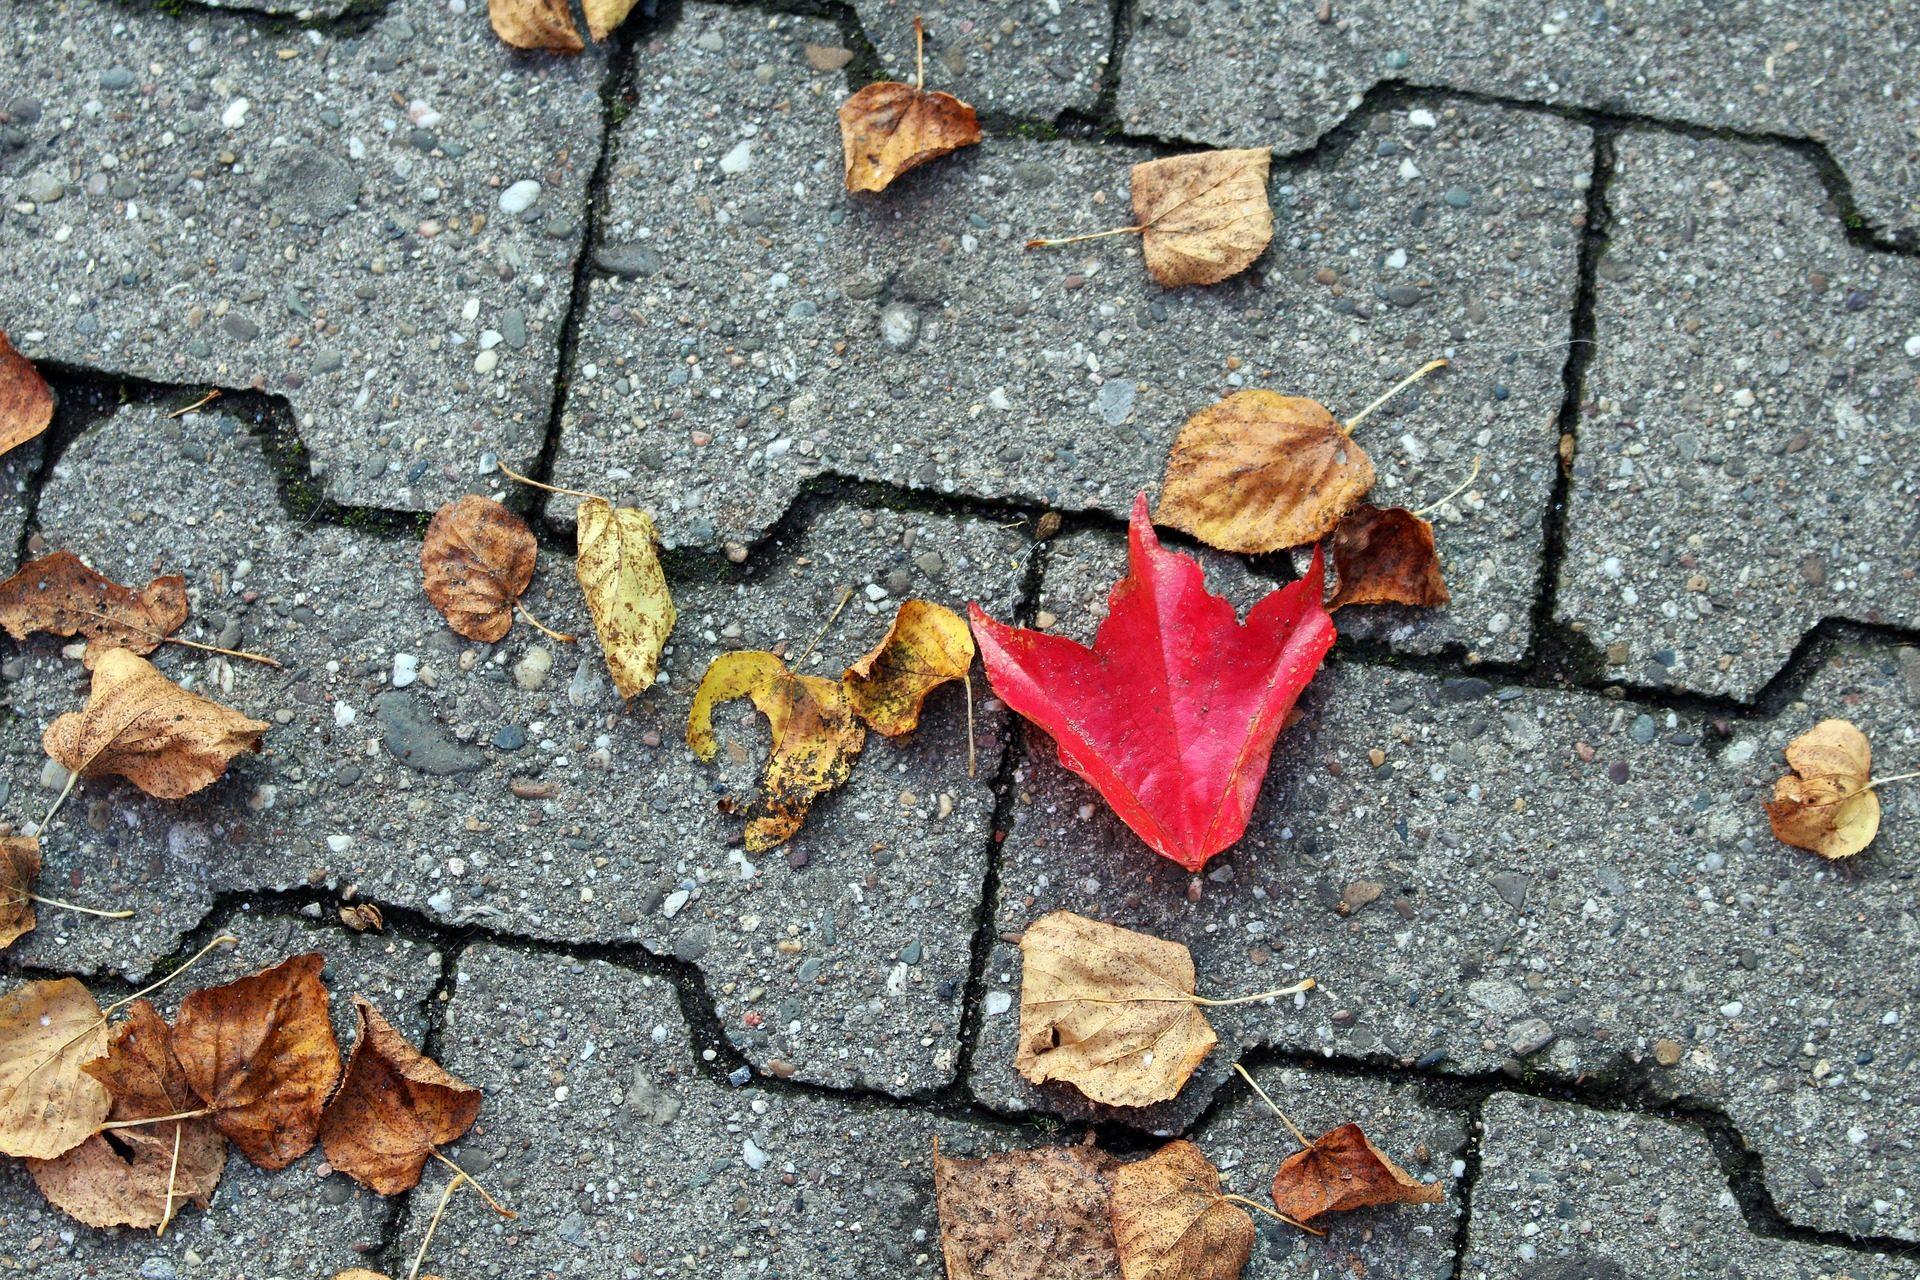 feuilles, sec, sol, automne, feuilles caduques, asphalte - Fonds d'écran HD - Professor-falken.com